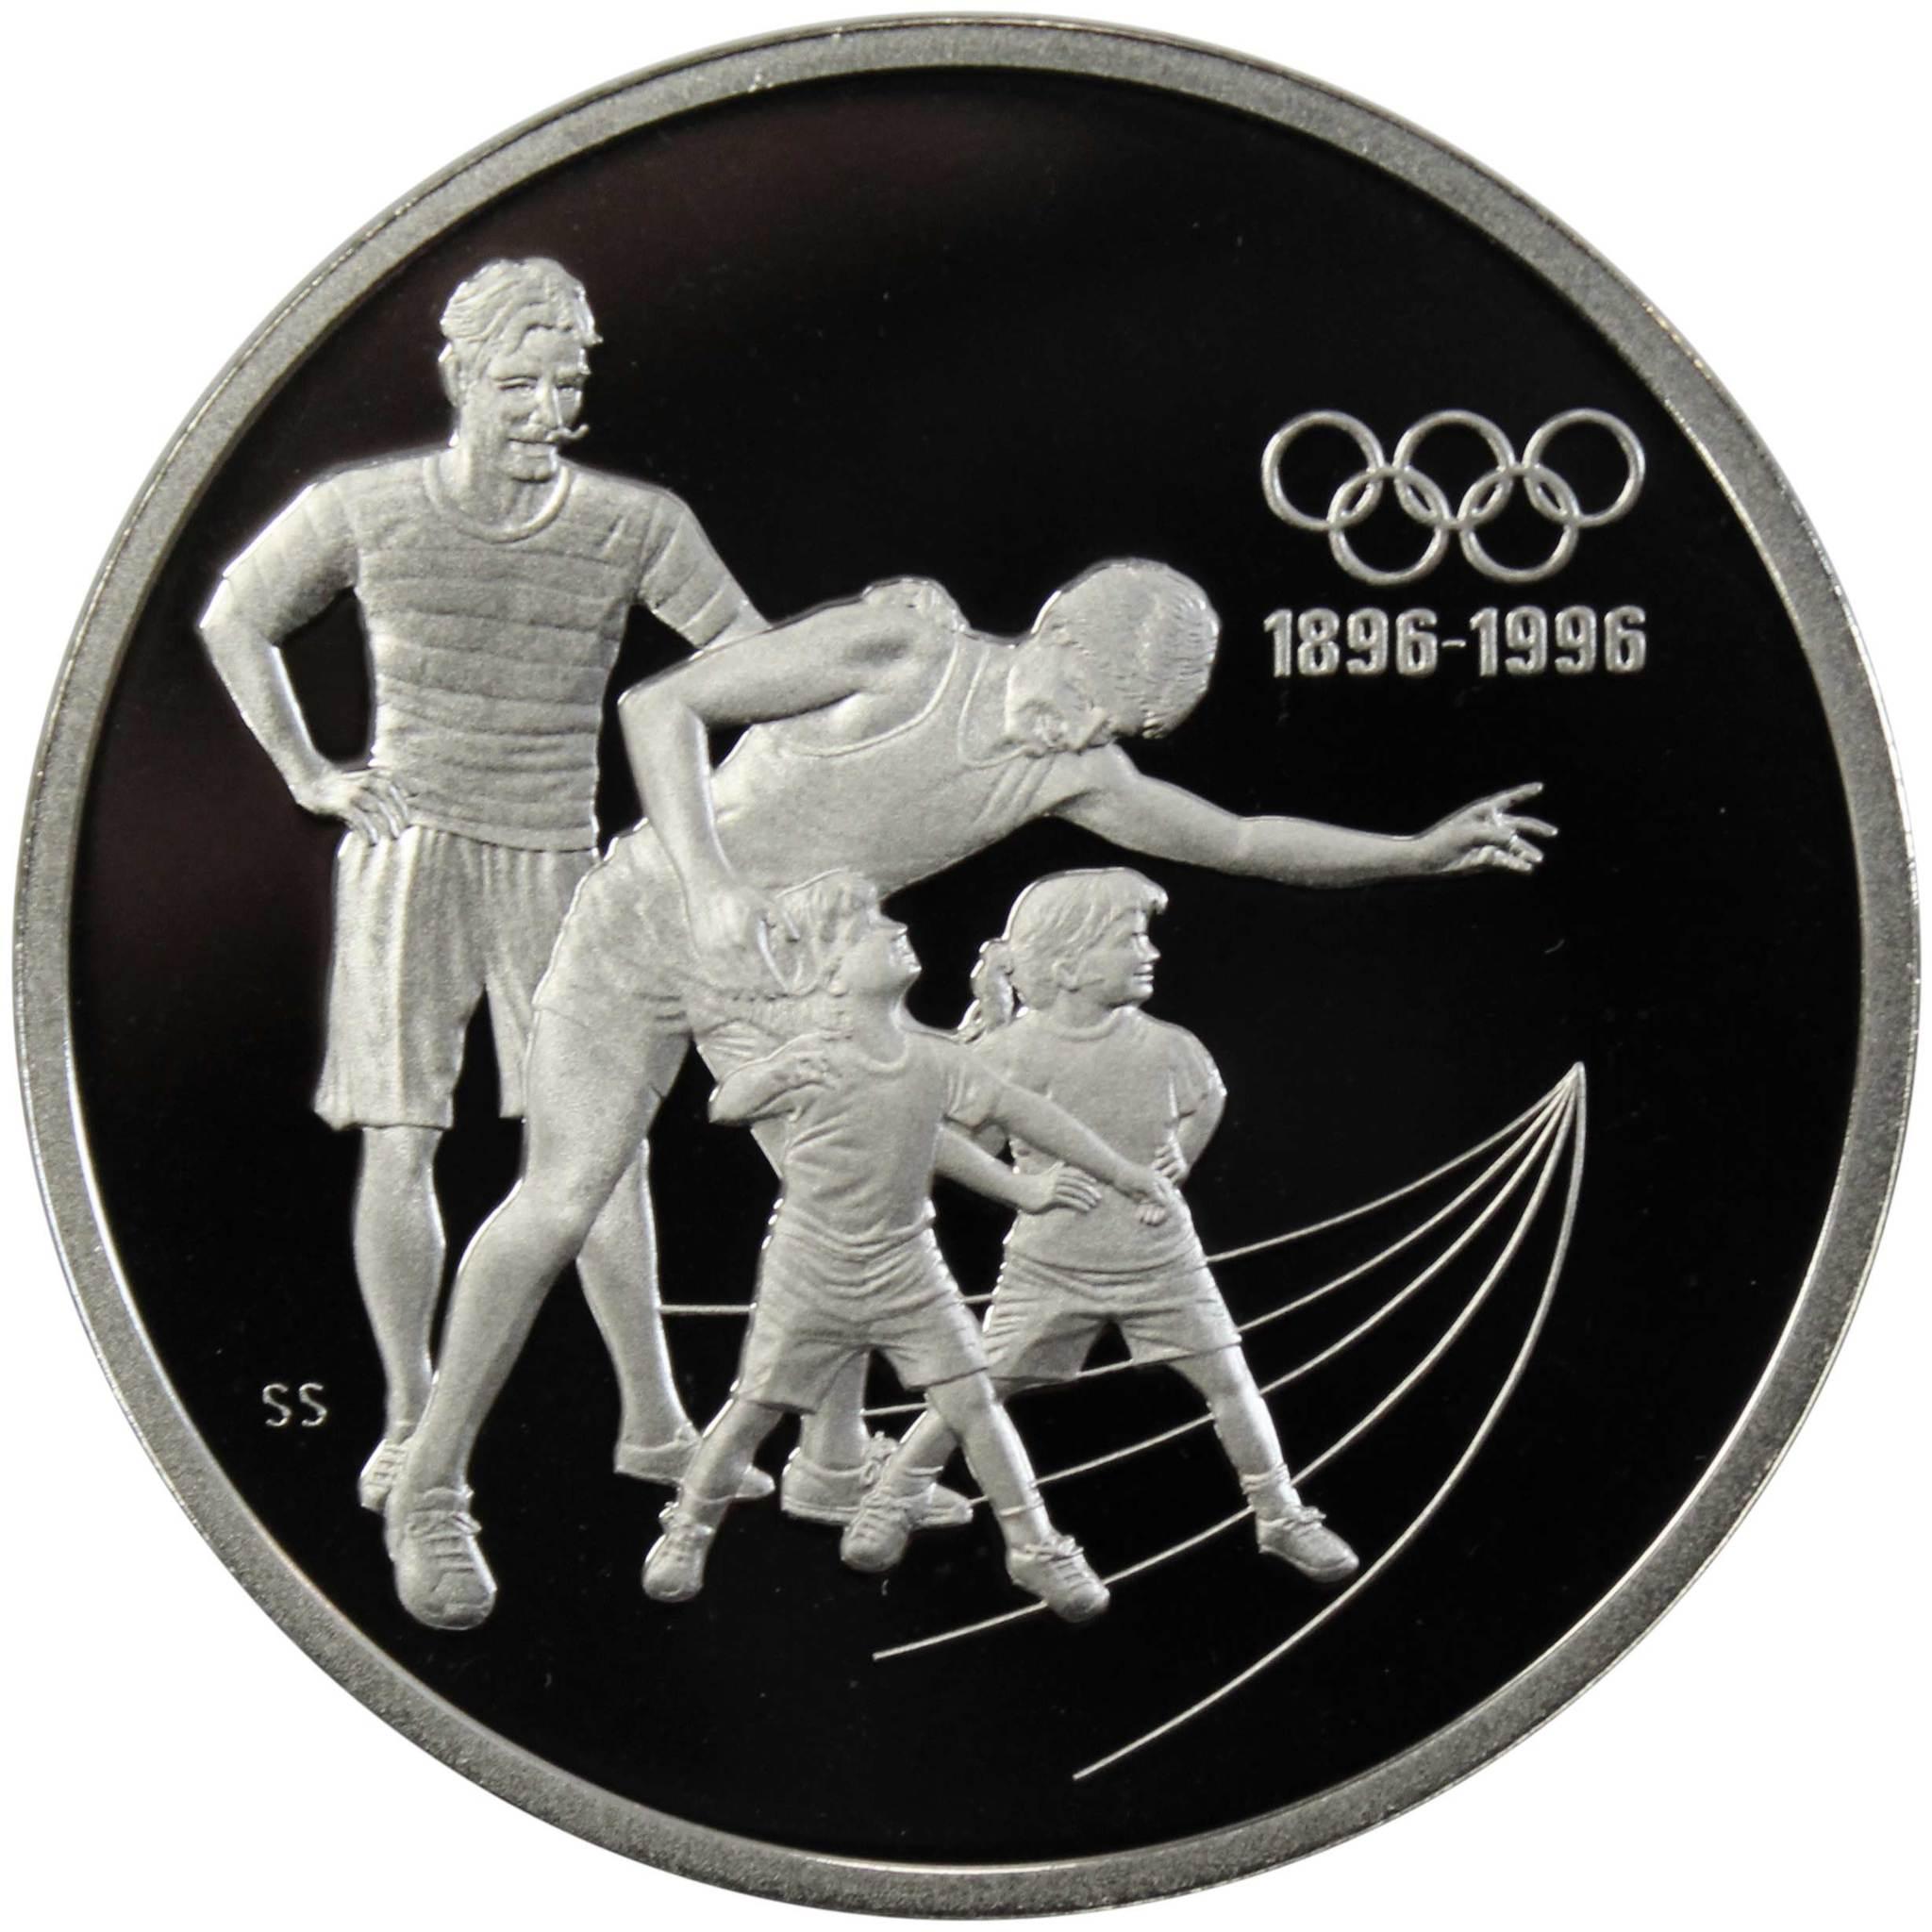 15 долларов. 100 лет Олимпийским играм - бег. Канада. Серебро. 1992 год. PROOF